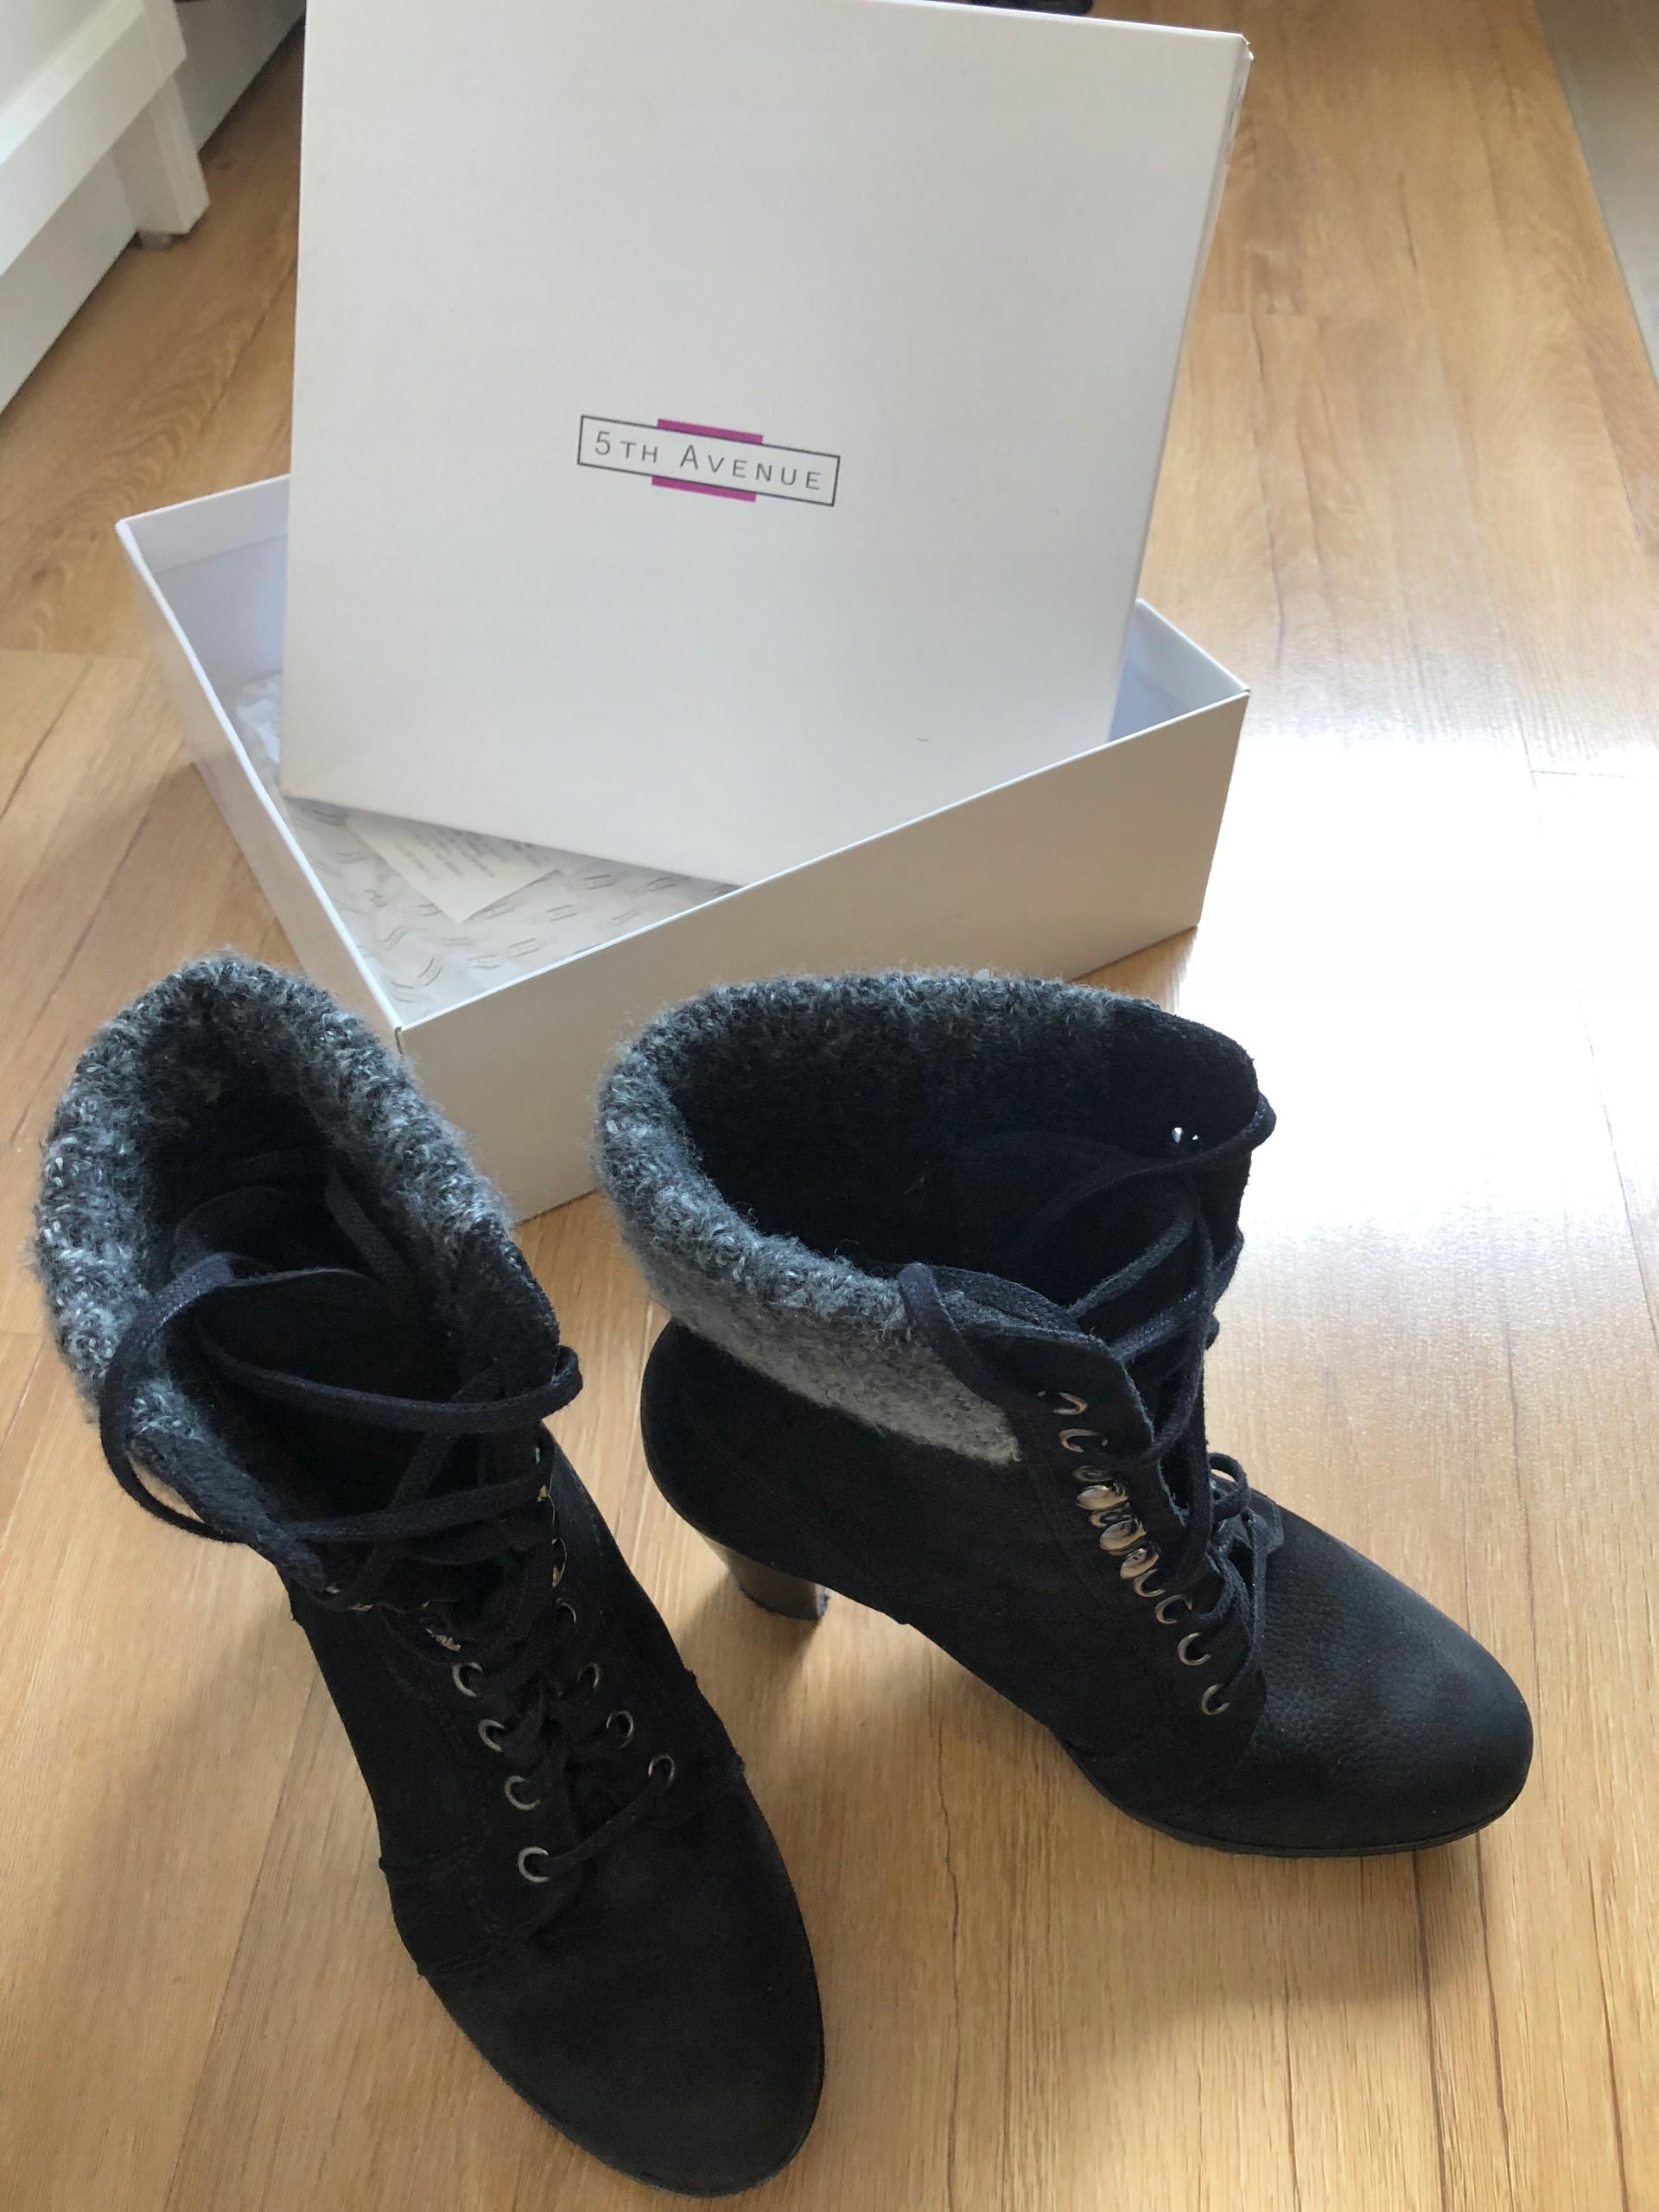 Czarne sznurowane botki 5th Avenue